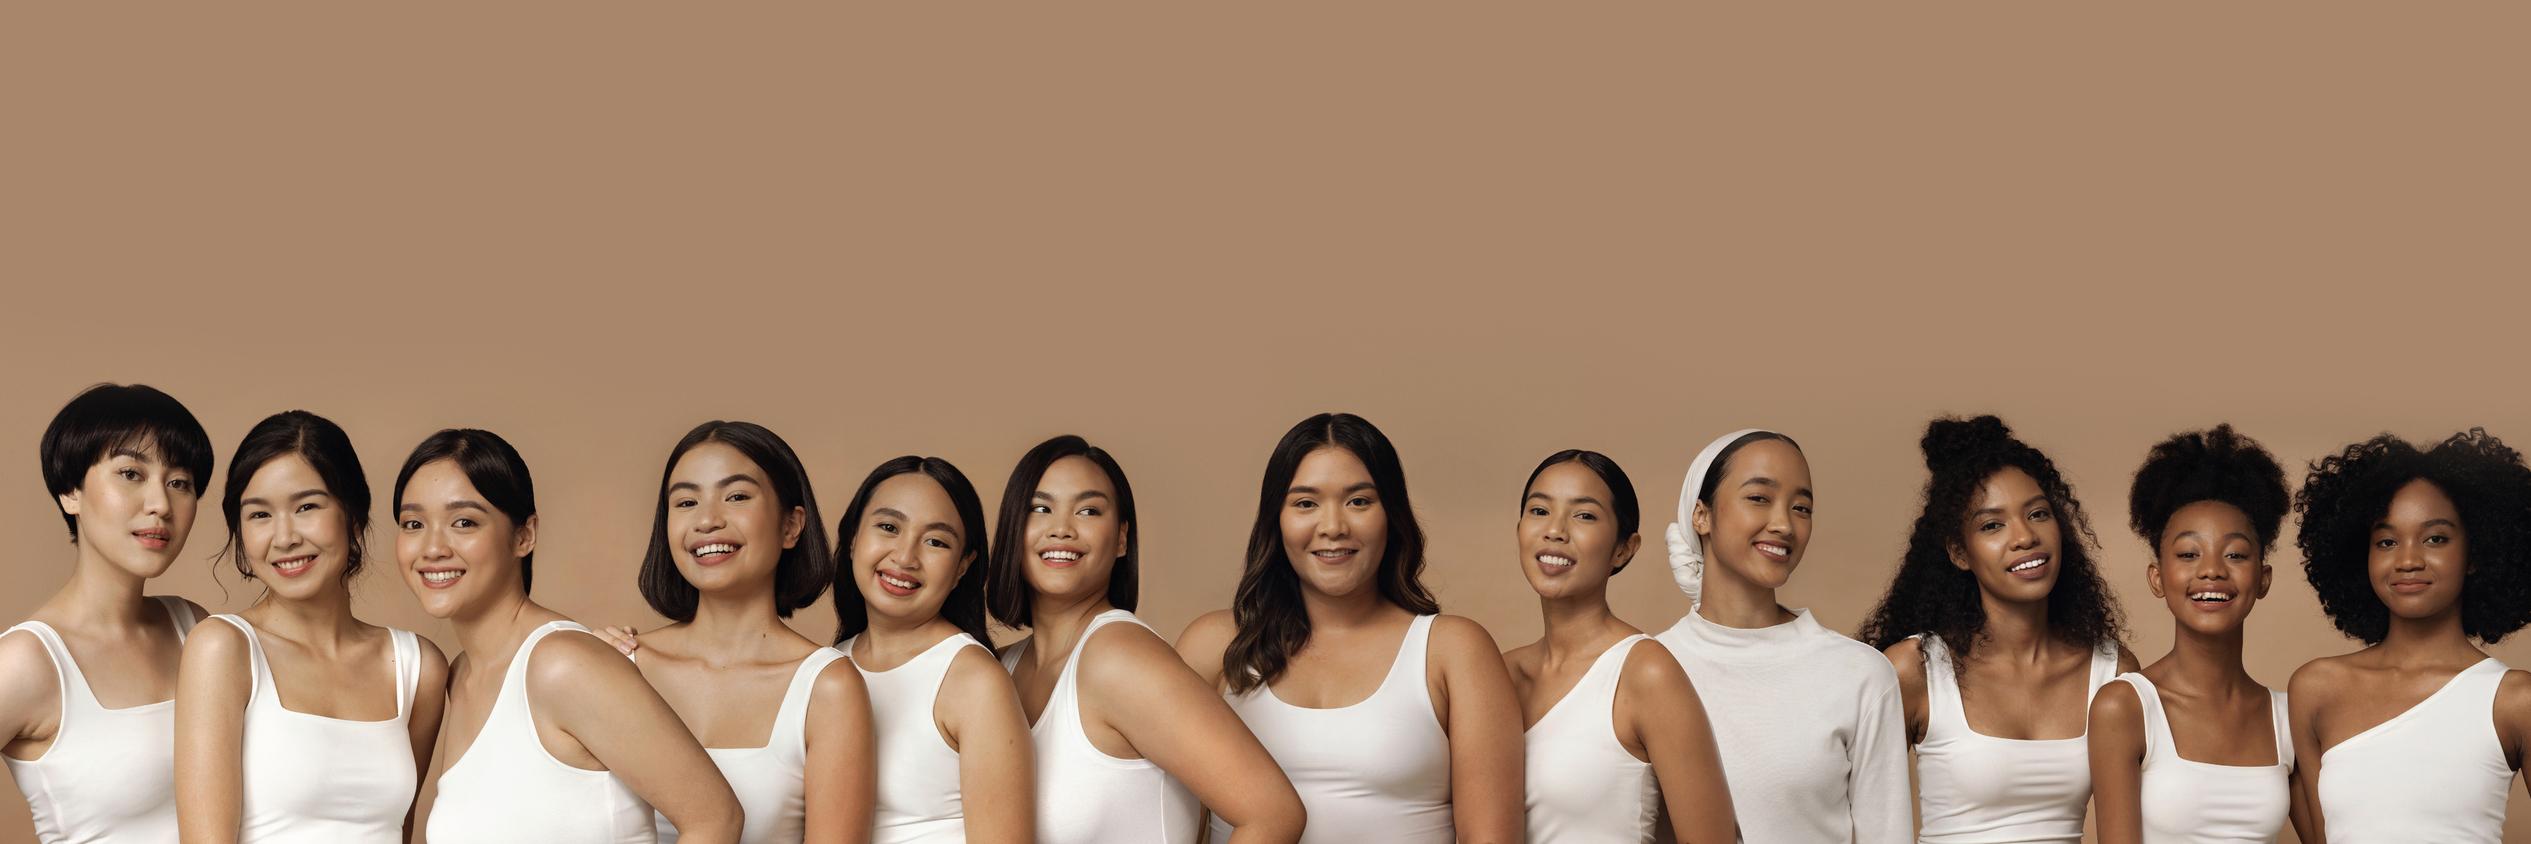 Tiga Brand Lokal Kosmetik ini Suarakan Kecantikan Inklusif